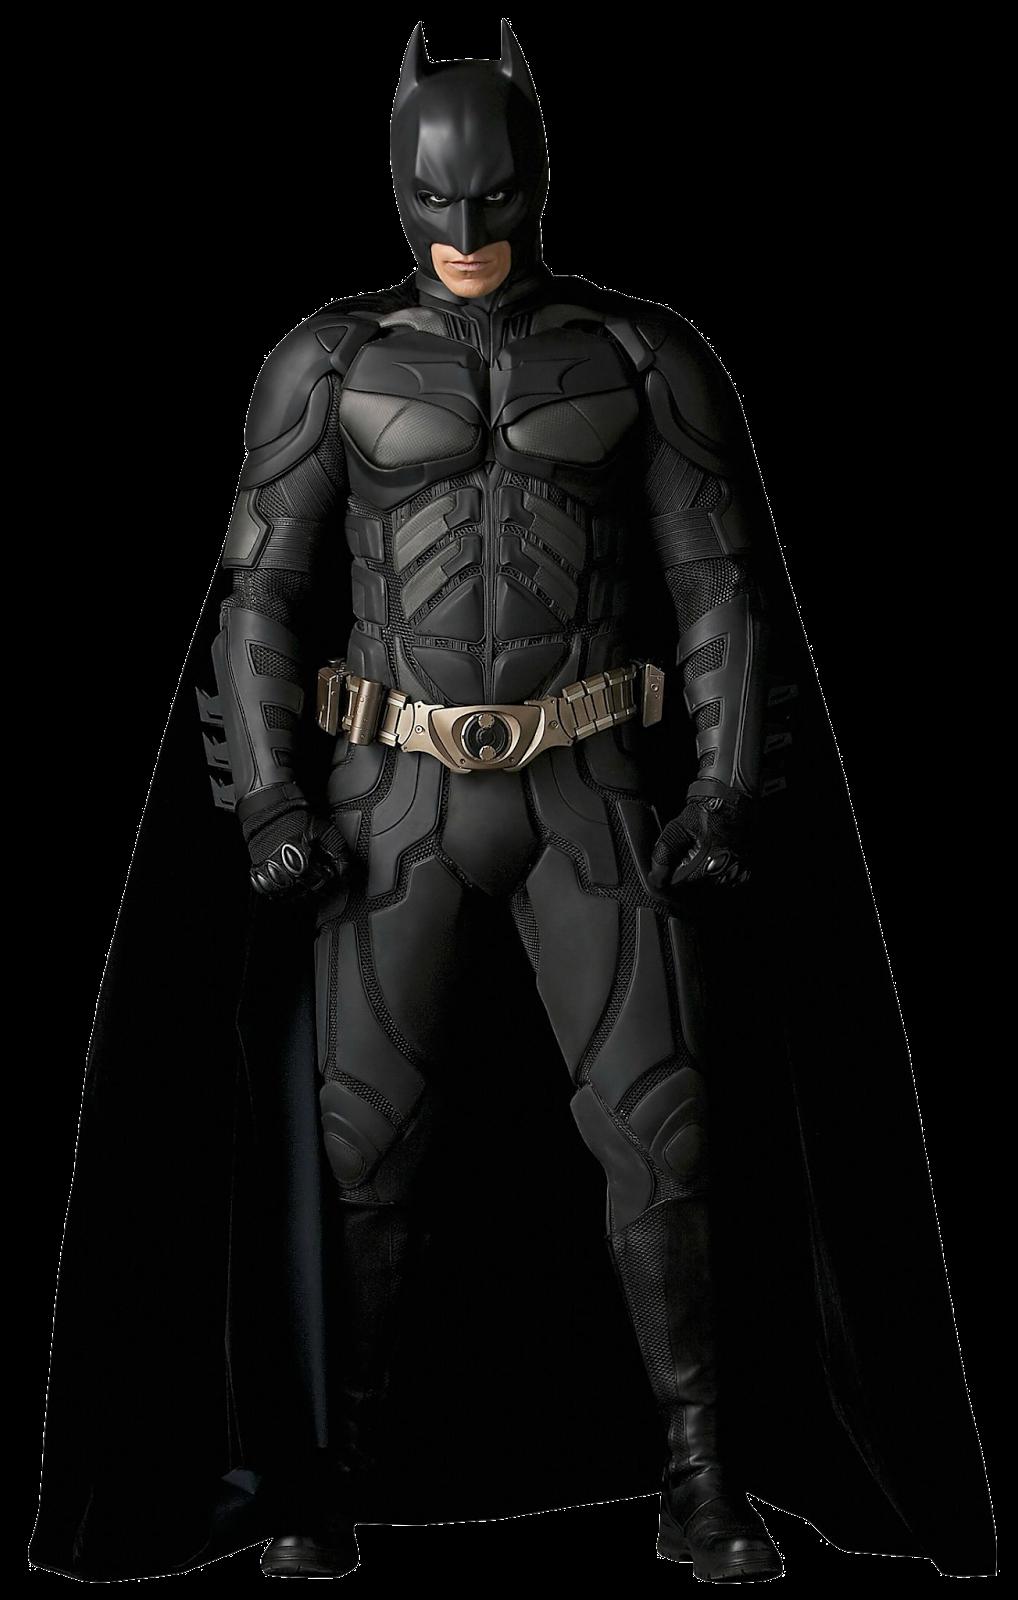 Batman (The Dark Knight Trilogy)